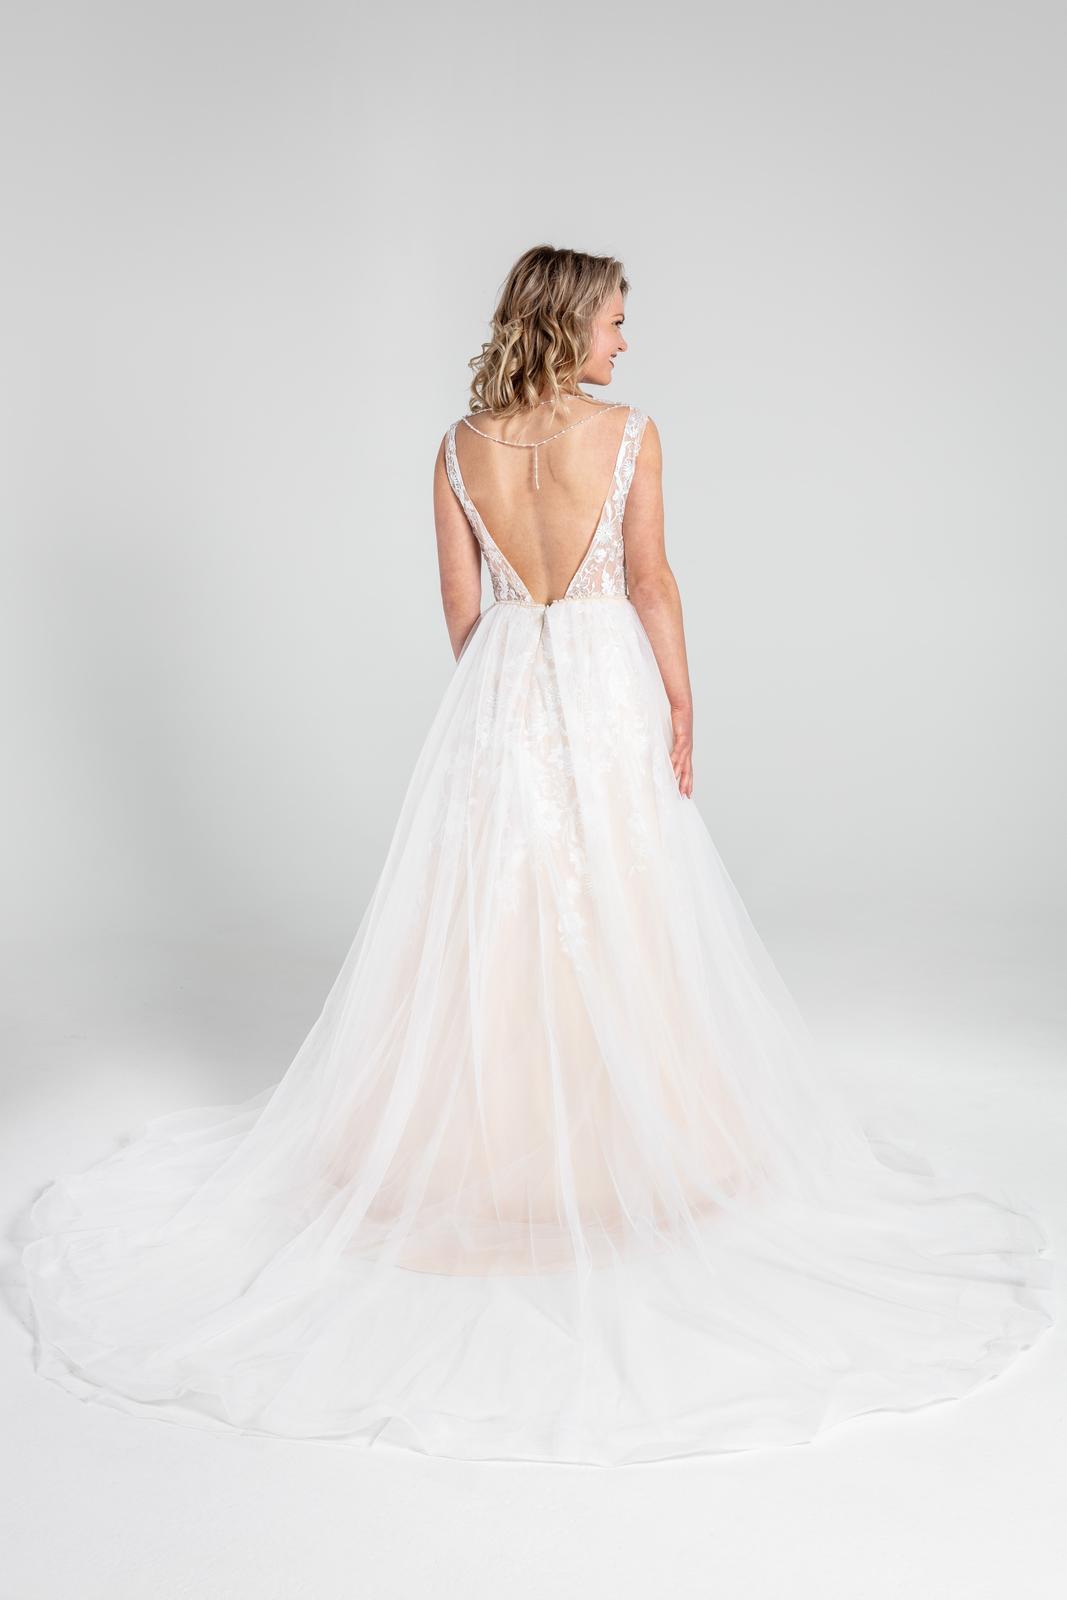 Svatební šaty v boho stylu s tylovou sukní, 36-42 - Obrázek č. 4